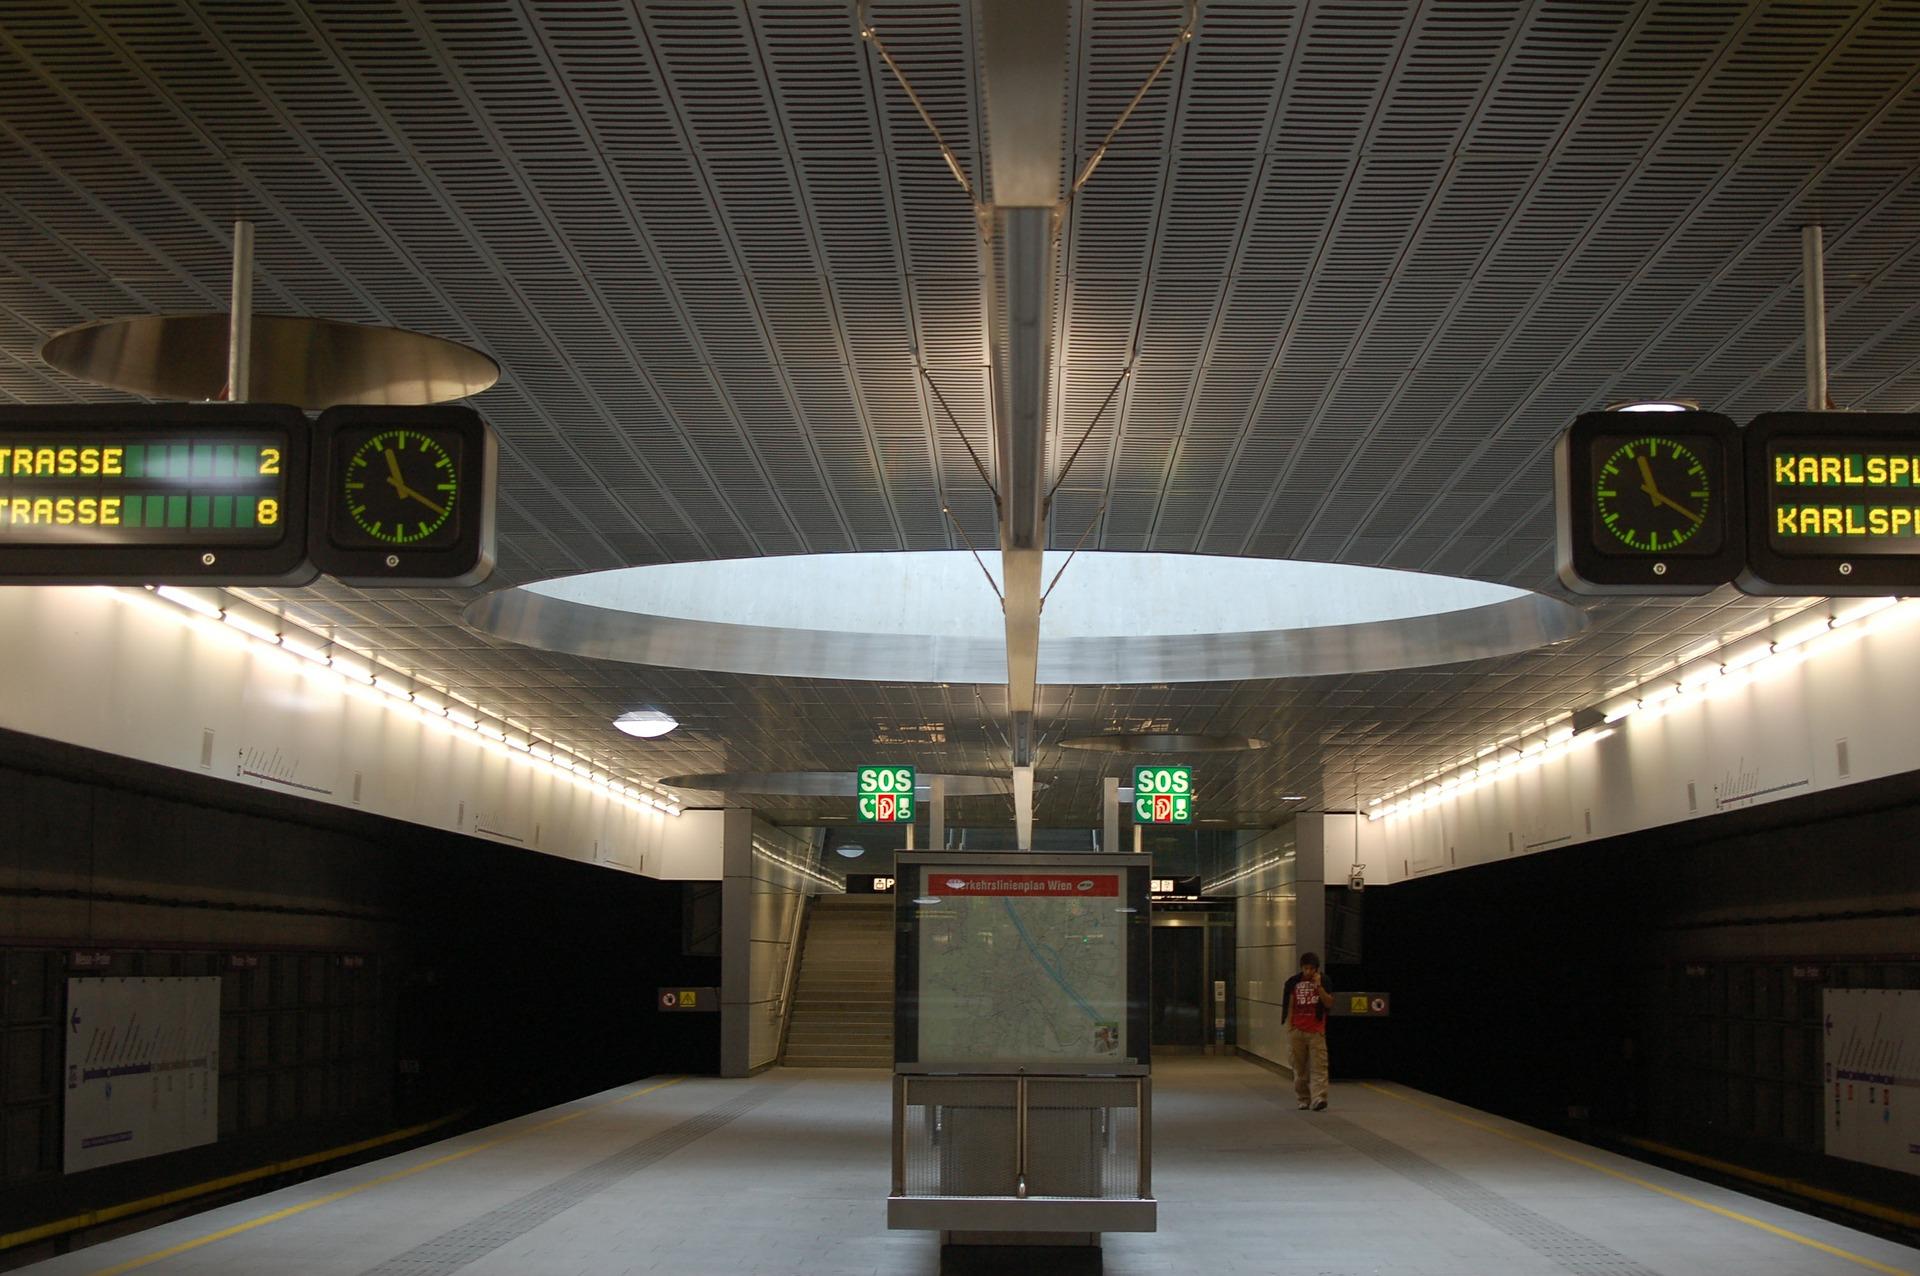 Leitsystem der Wiener U-Bahn